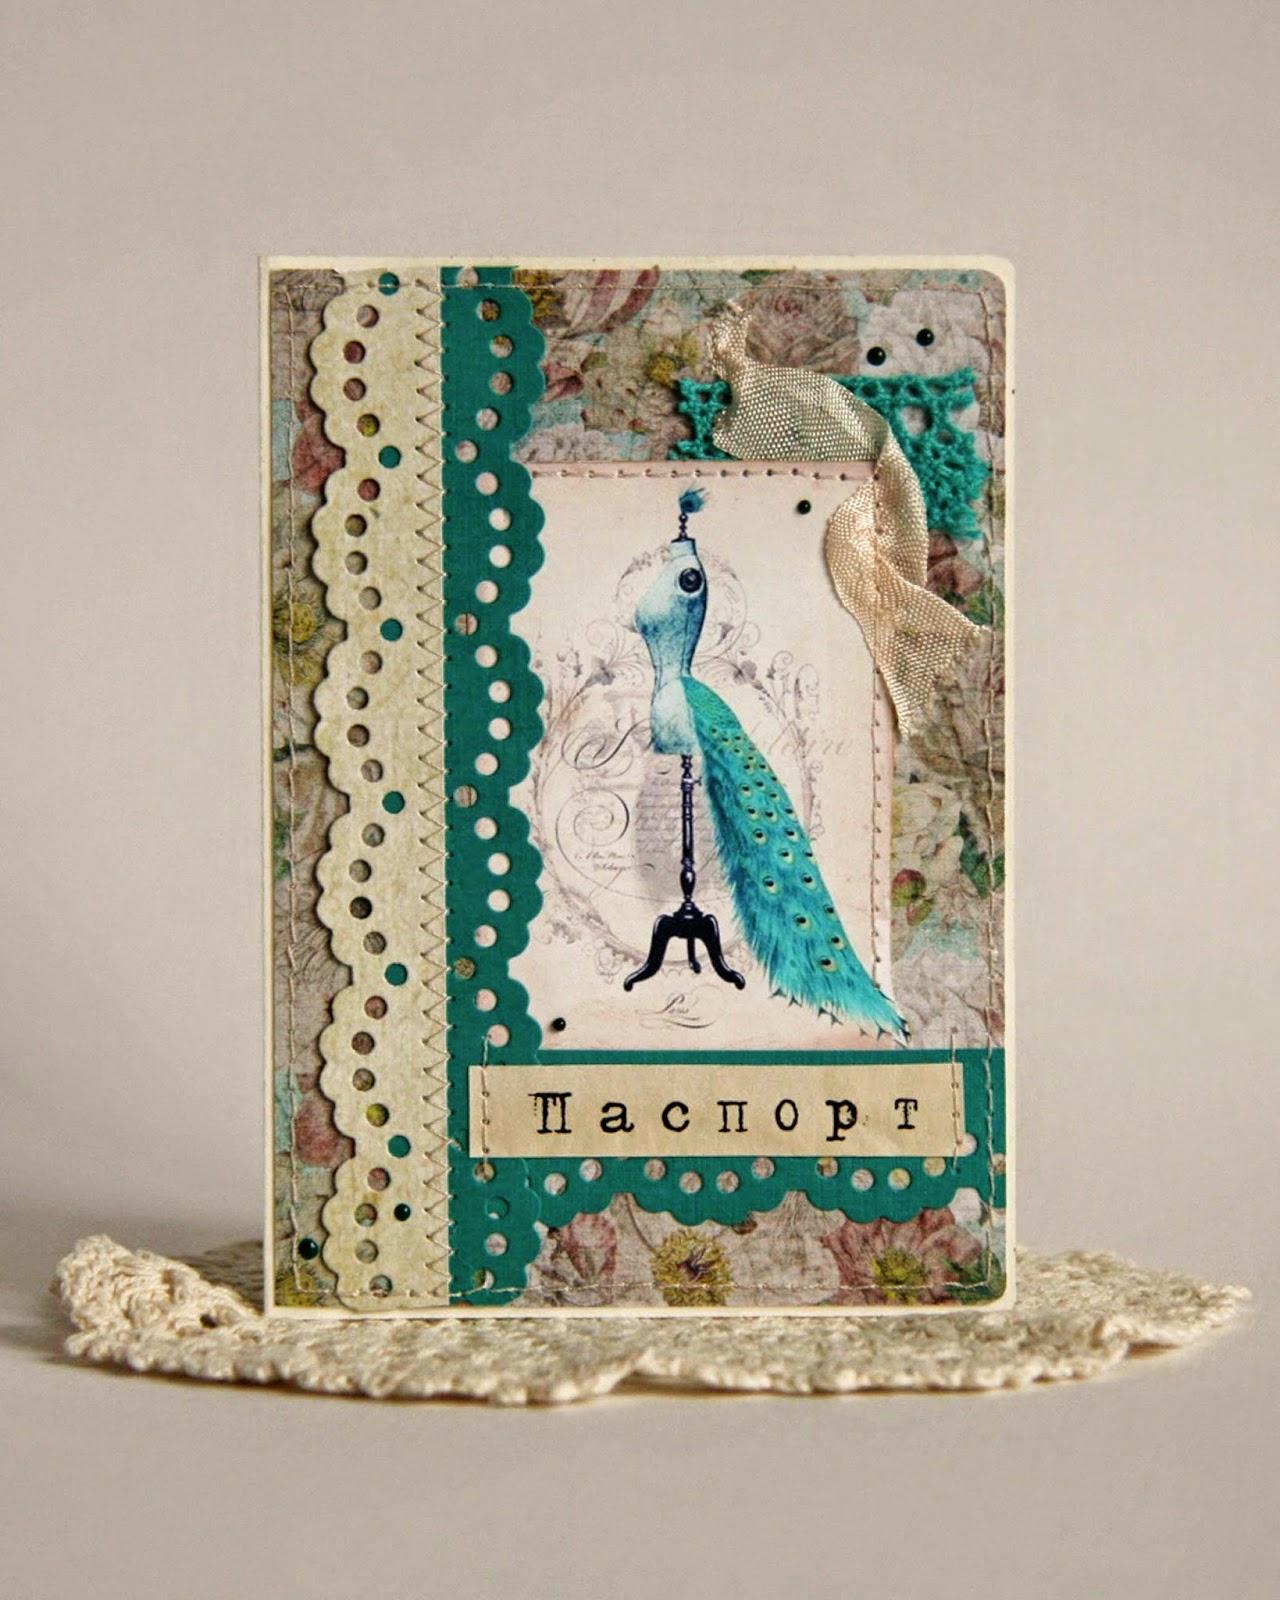 Обложка для паспорта, обложка на паспорт, обложка для документов, своими руками, ручная работа, ручной работы, женское, подарок женщине, девушке, любимой, весна